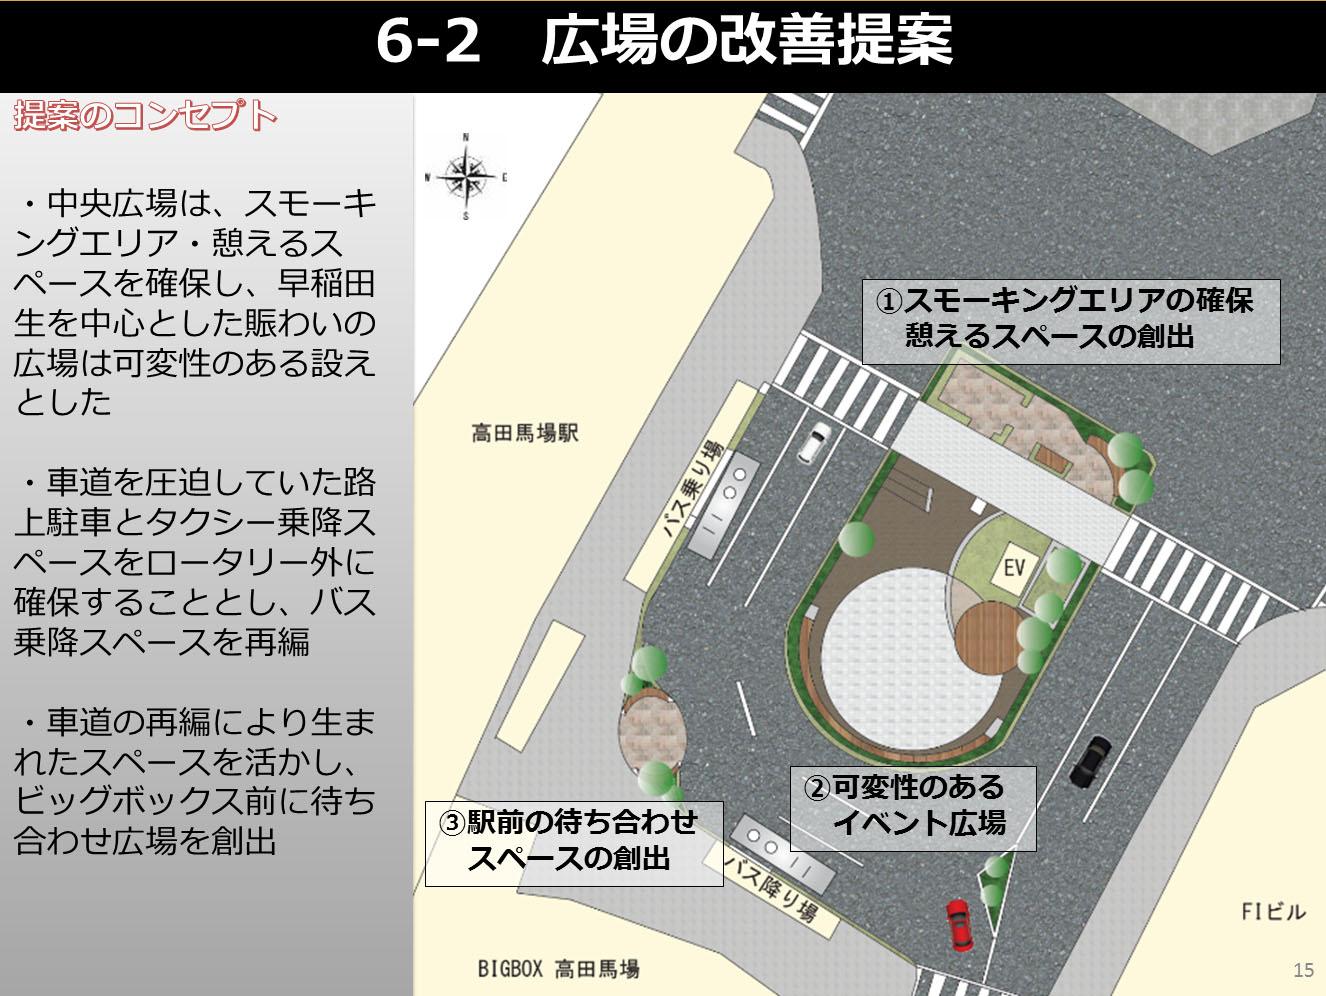 中央の広場にステージを設けるなどの提案を盛り込みました。